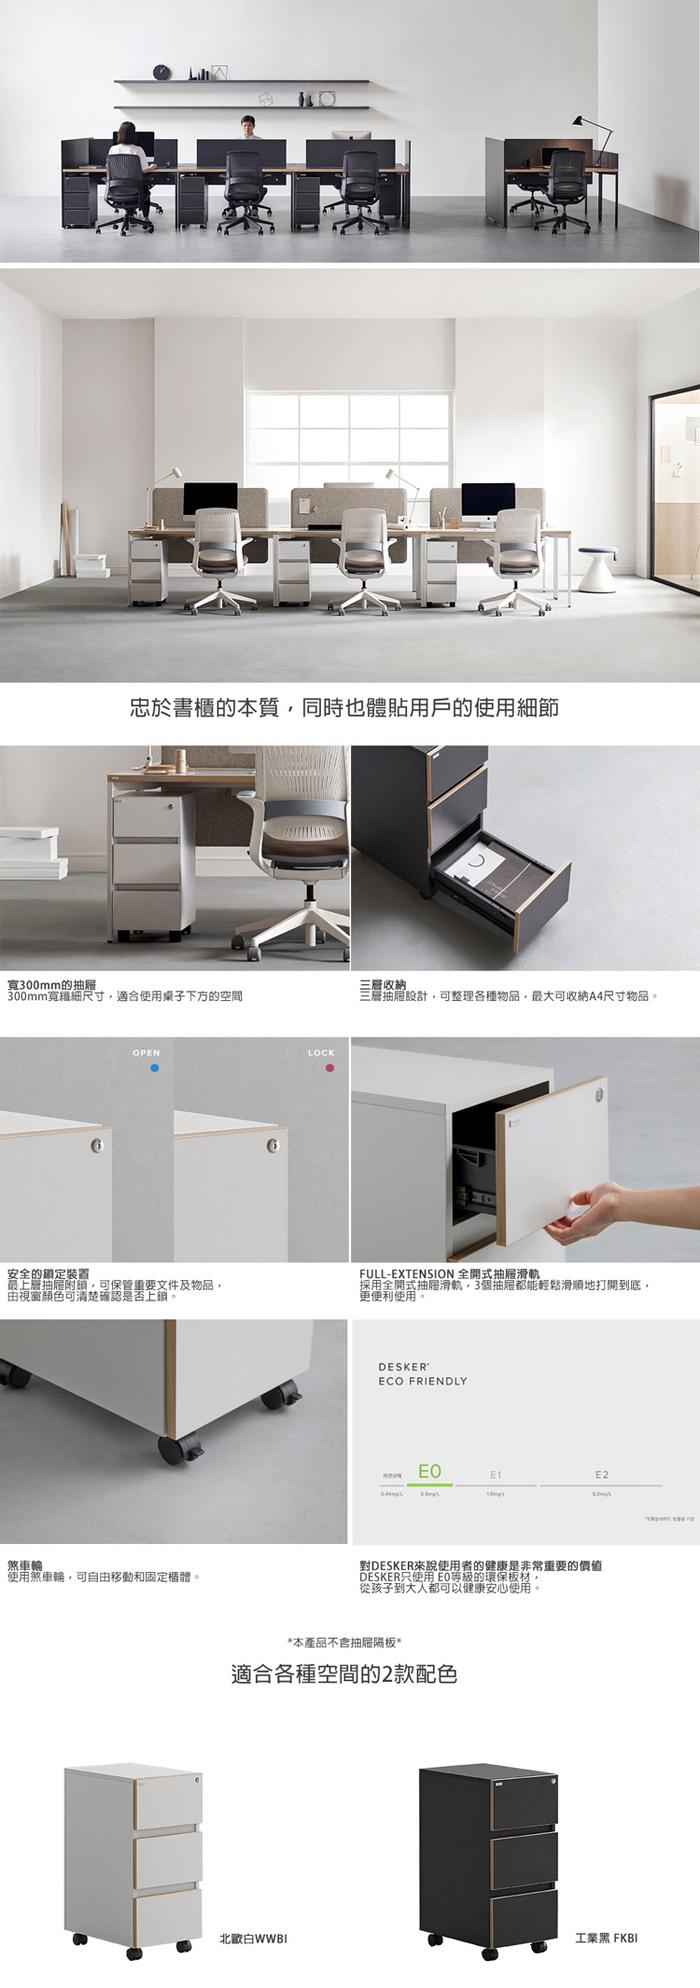 (複製)iloom 怡倫家居 Desker 1400型多用途電腦桌 夢想起步組 多色可選